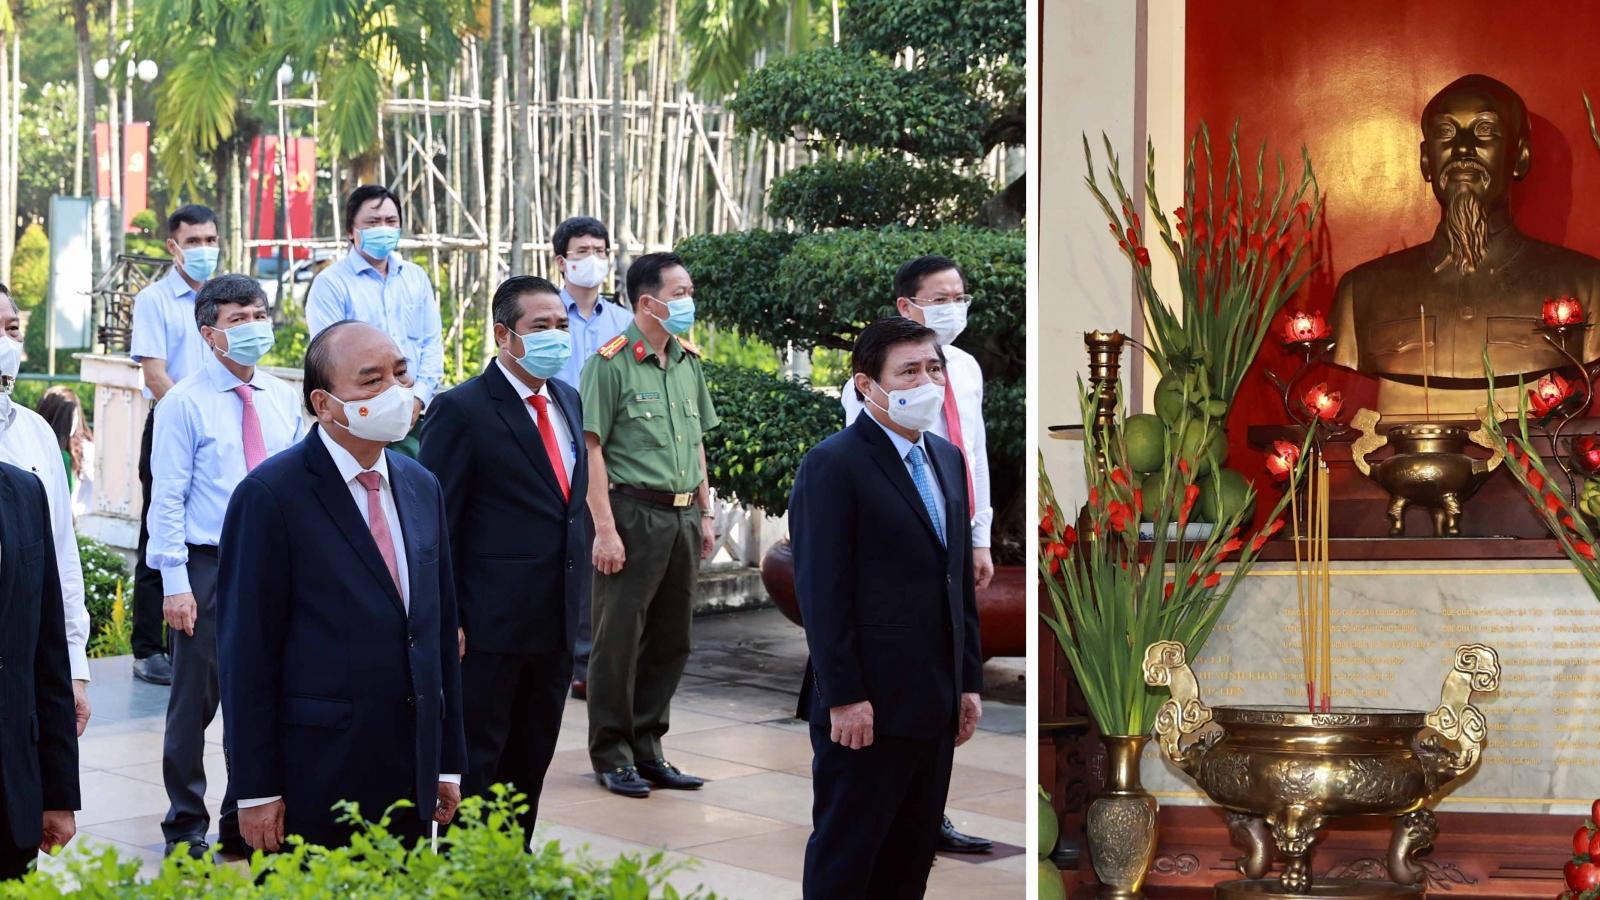 Chủ tịch nước dâng hương tưởng niệm Chủ tịch Hồ Chí Minh và các Anh hùng liệt sĩ